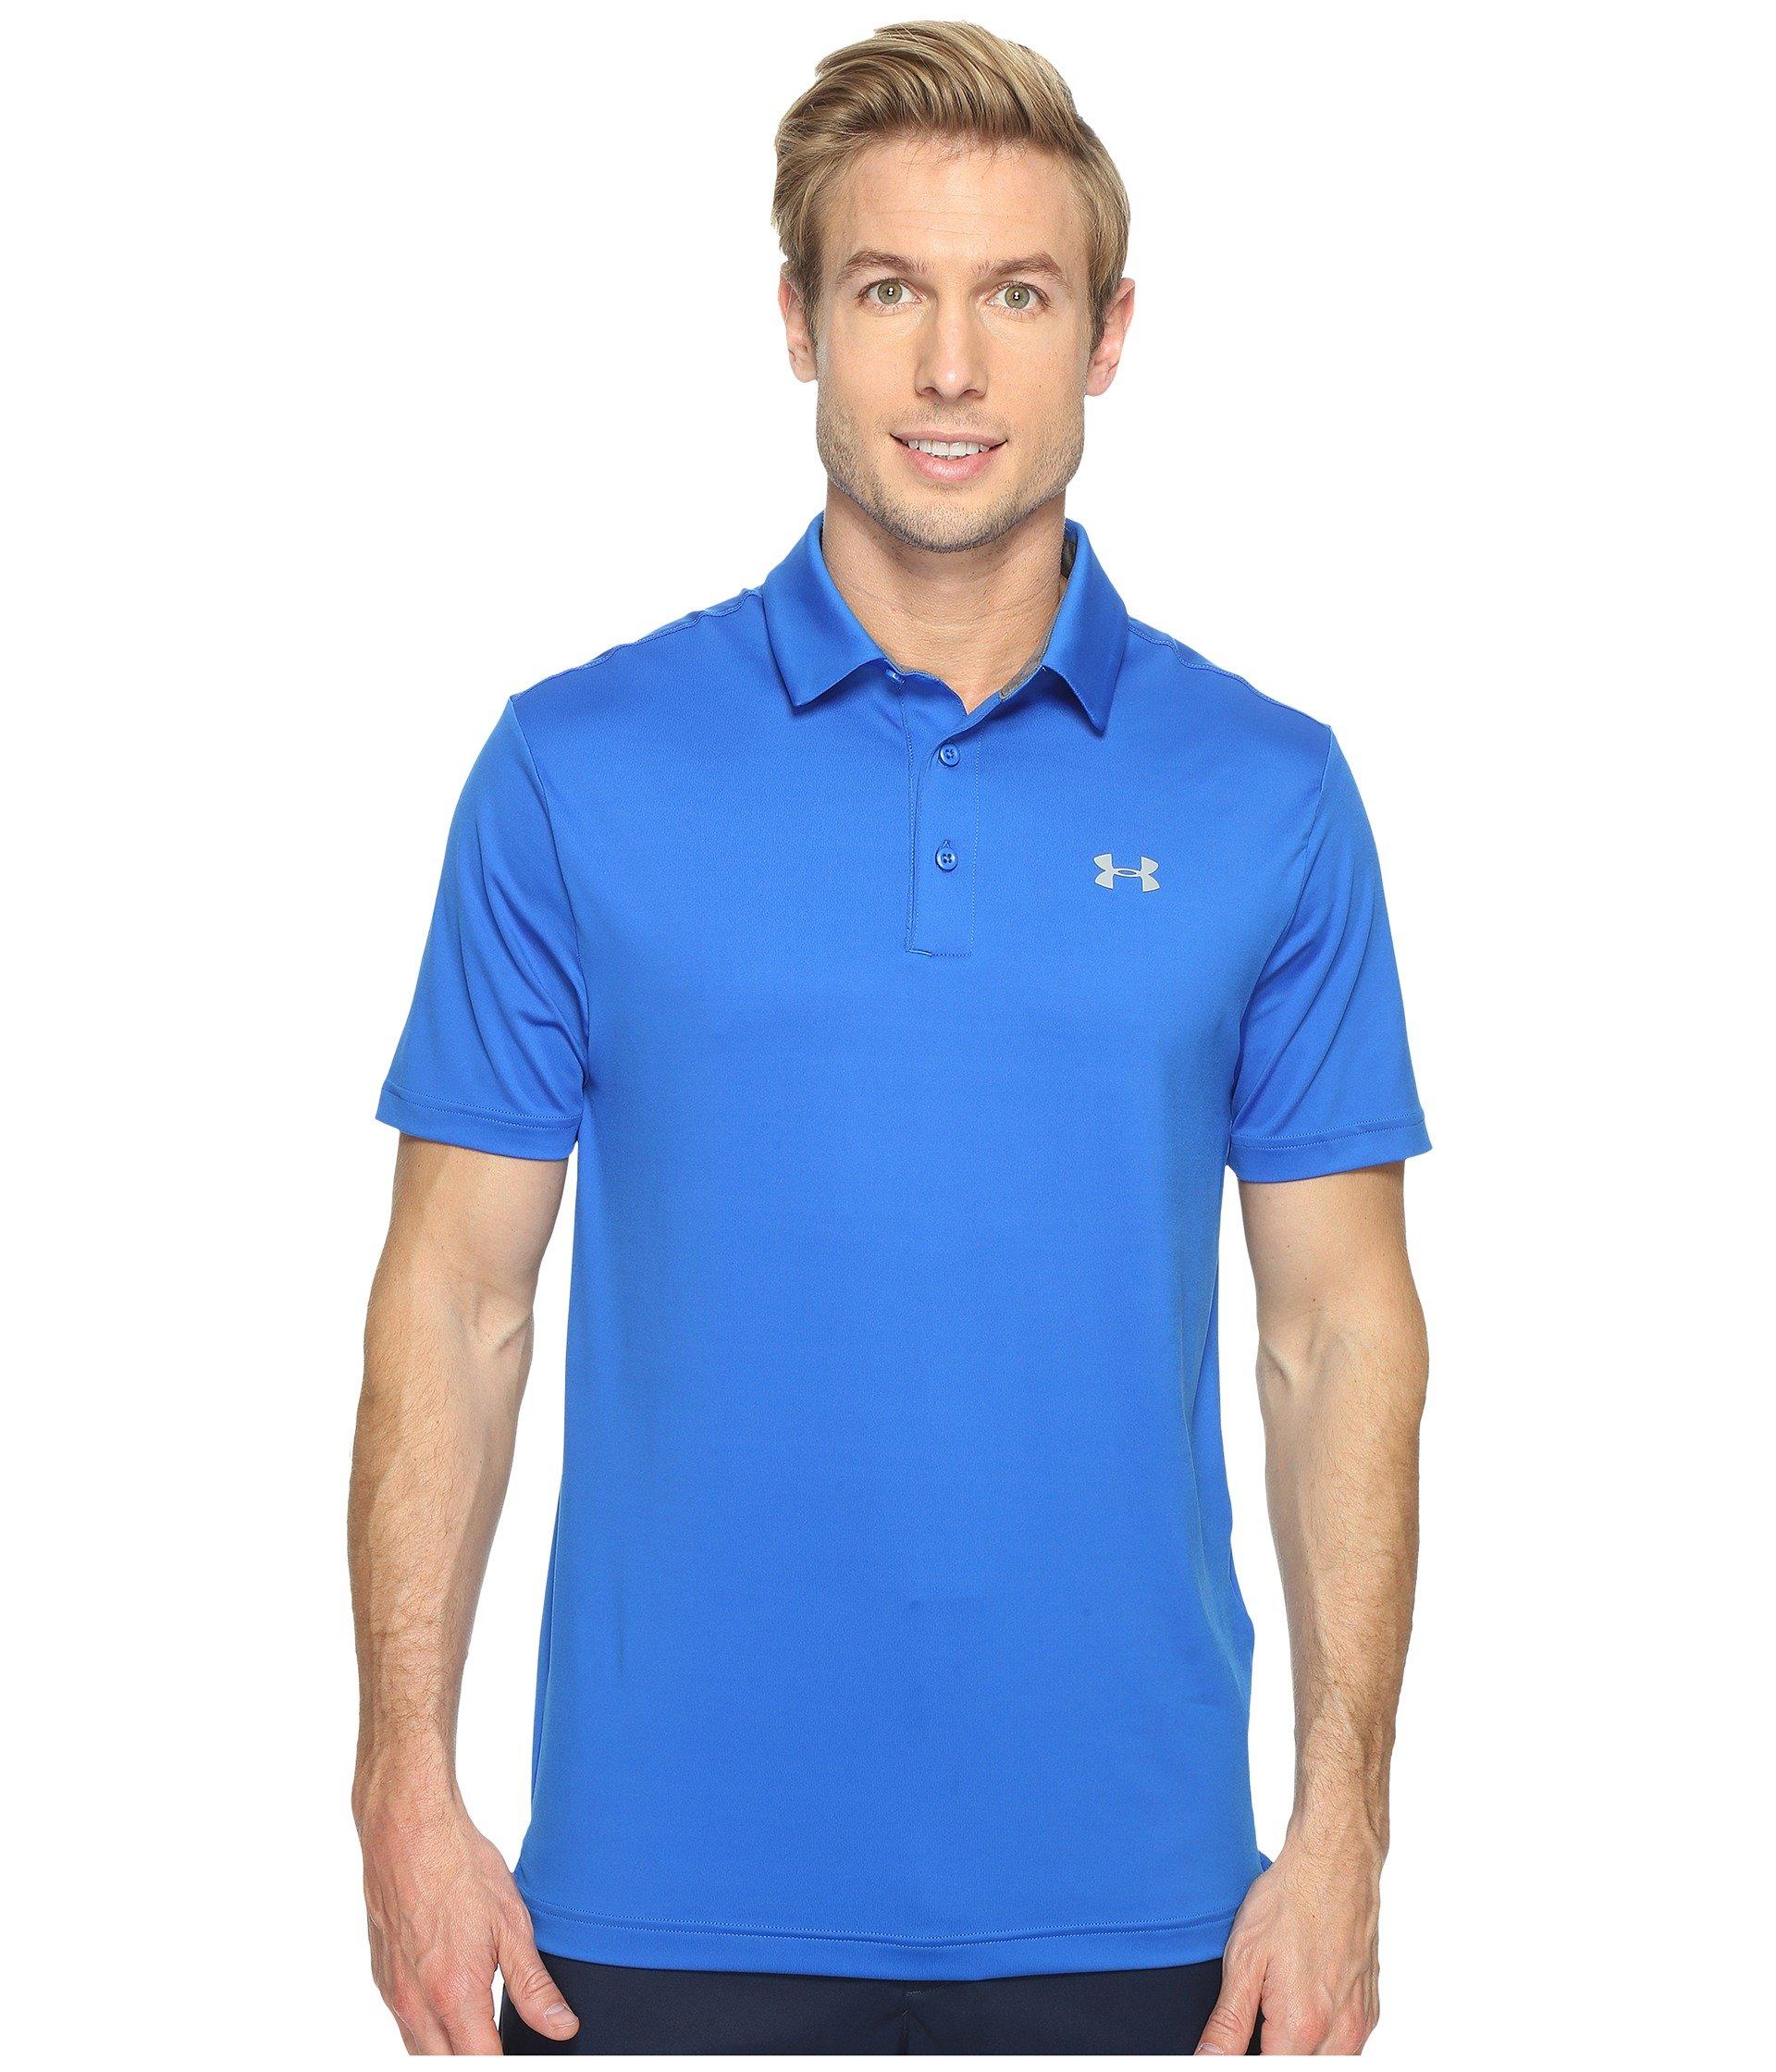 Camiseta Tipo Polo para Hombre Under Armour Golf UA Playoff Polo  + Under Armour en VeoyCompro.net